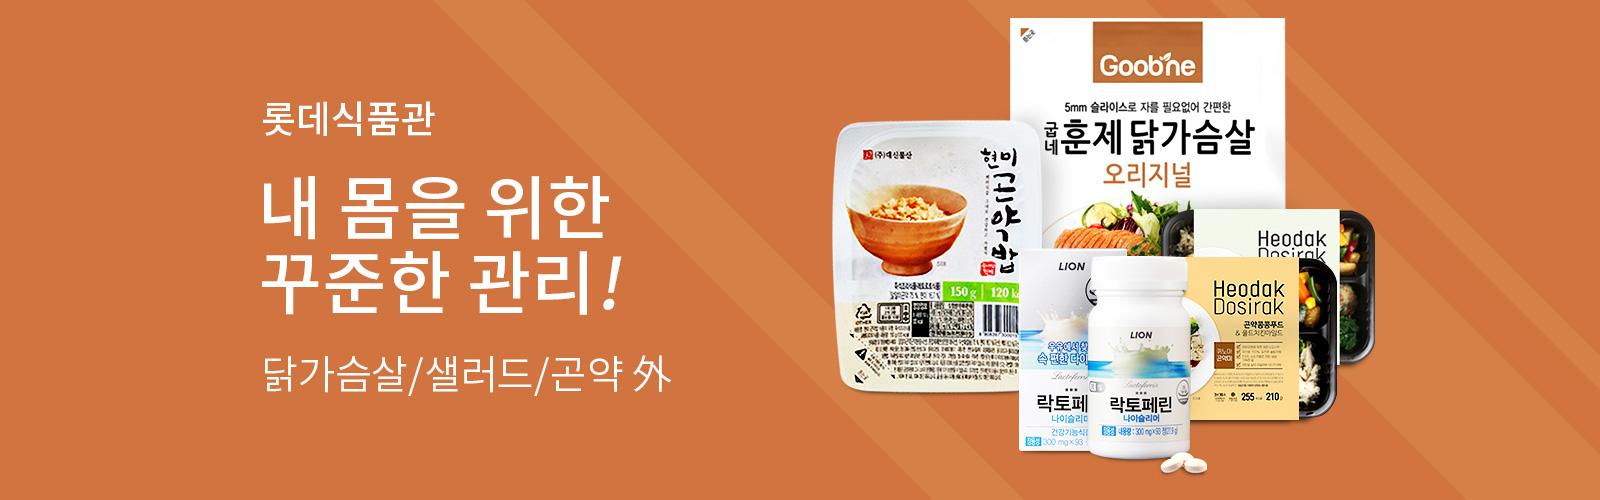 롯데식품관 내 몸을 위한 꾸준한 관리! 닭가슴살/샐러드/곤약 外